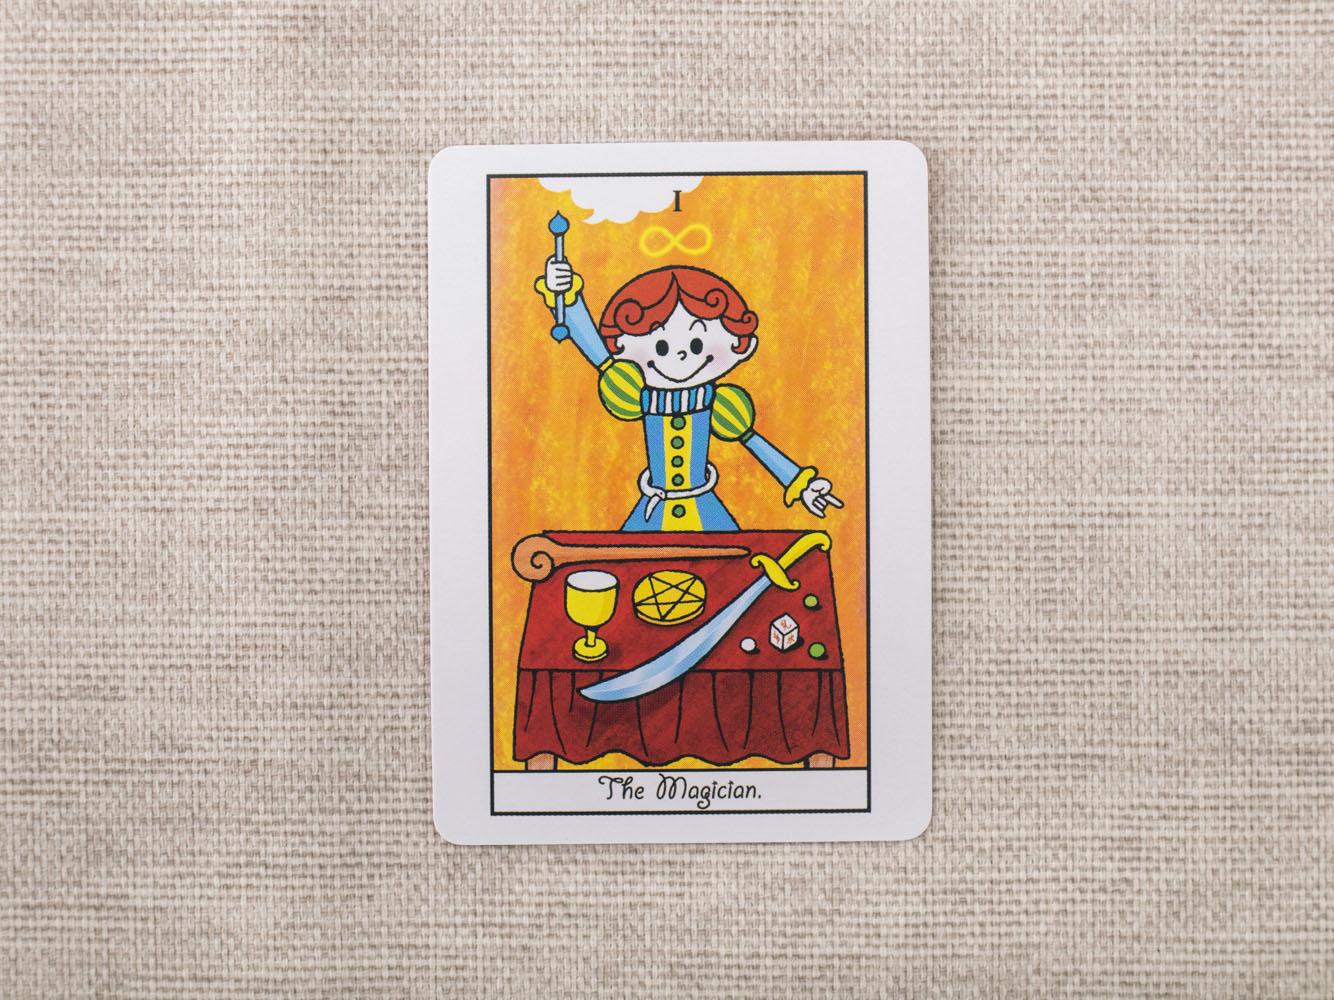 魔法道具を机に並べた男性の絵